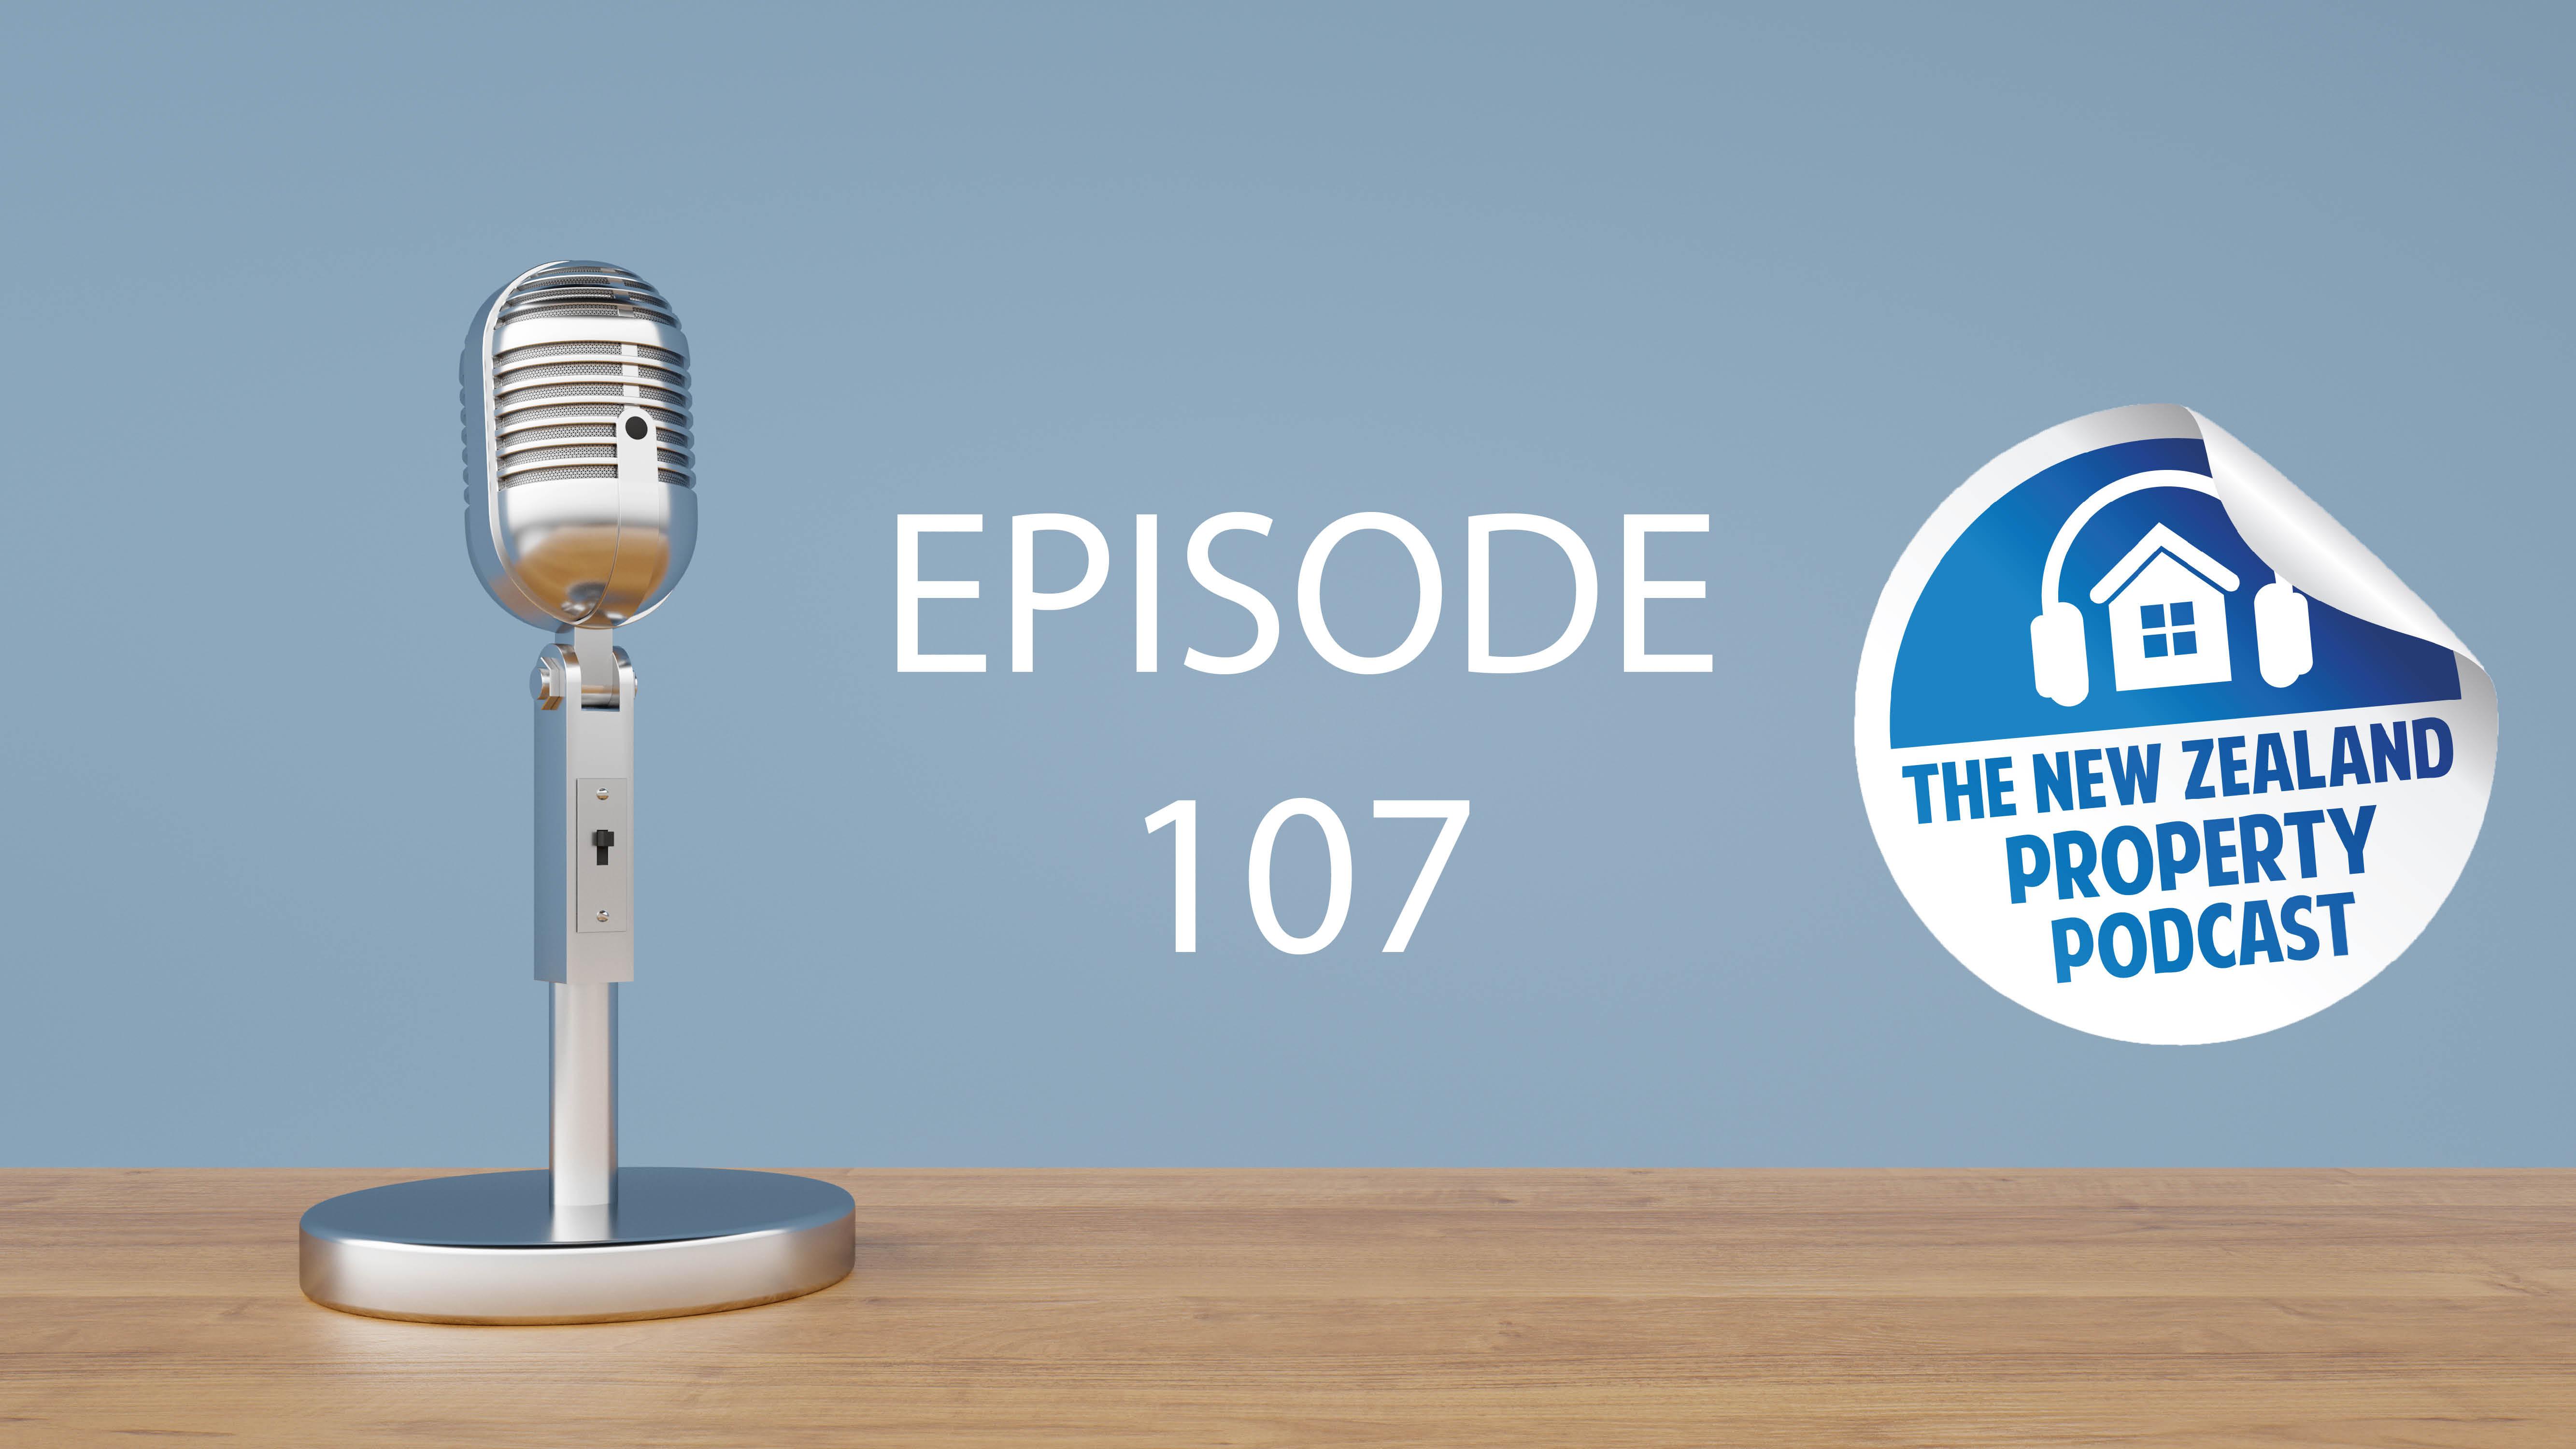 New Zealand Property Podcast Episode 107